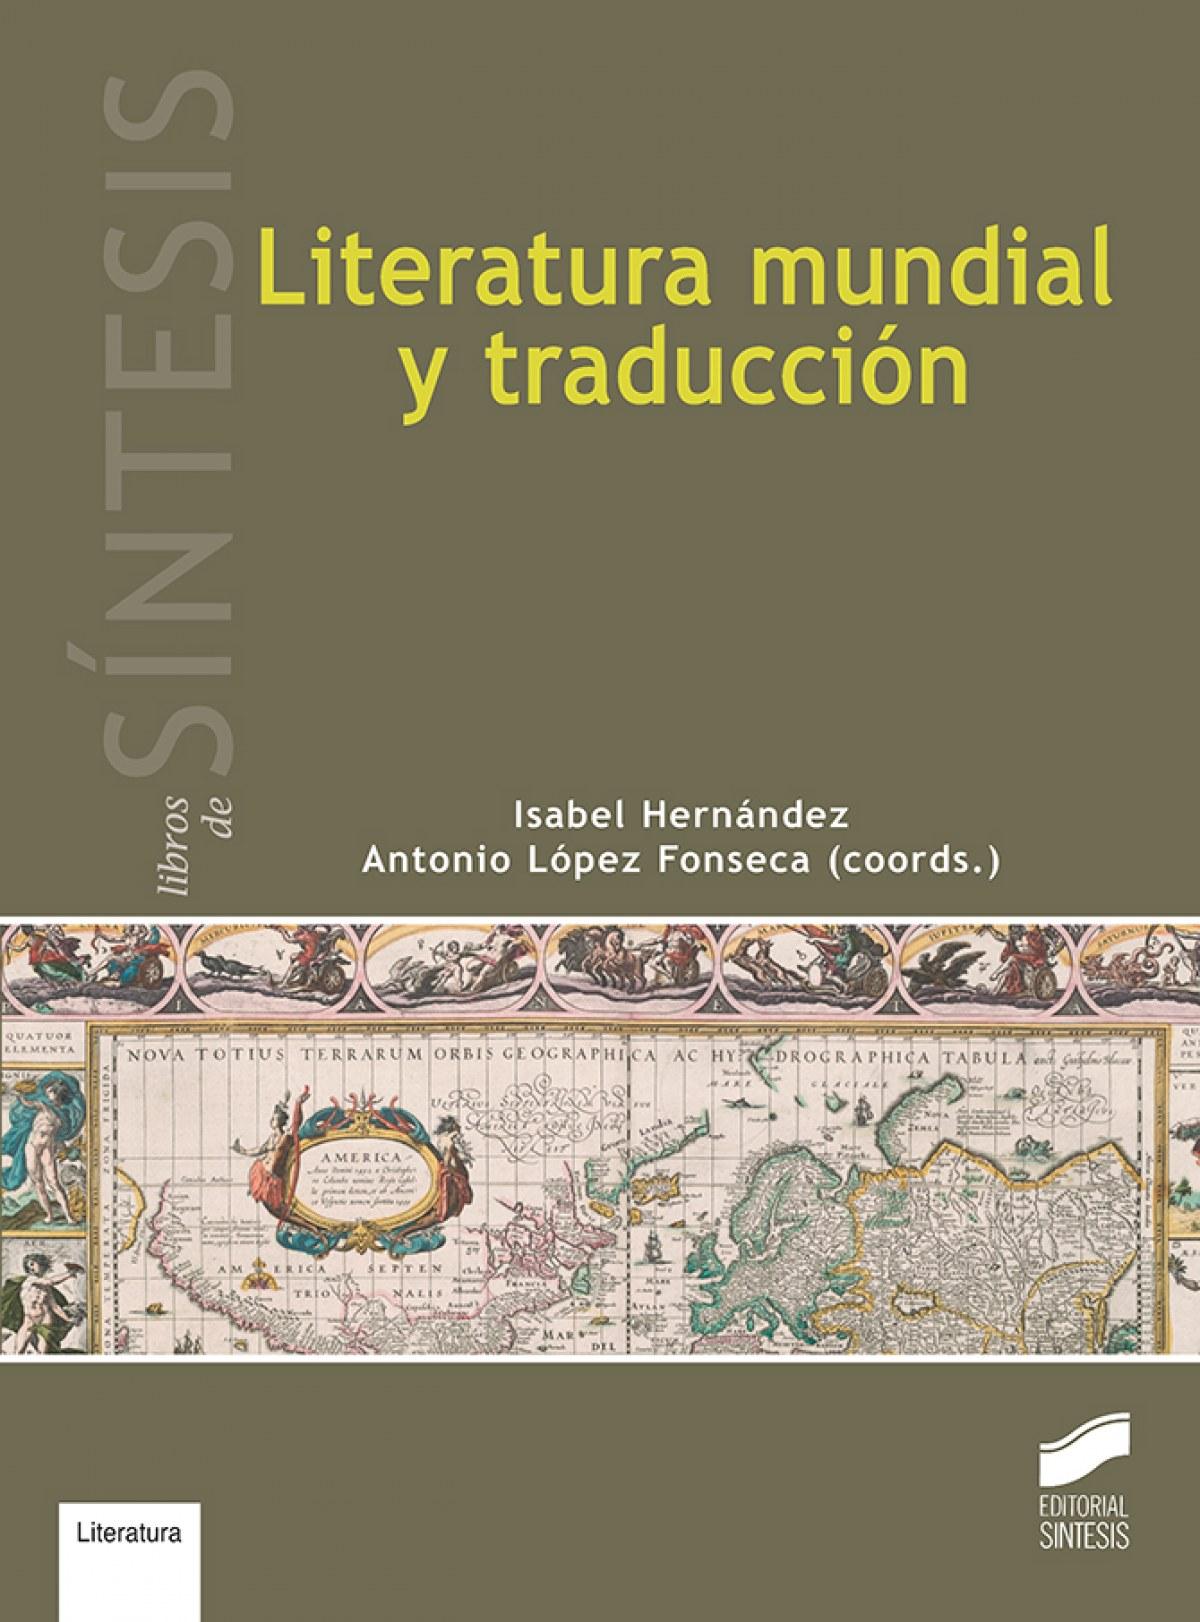 LITERATURA MUNDIAL Y TRADUCCION